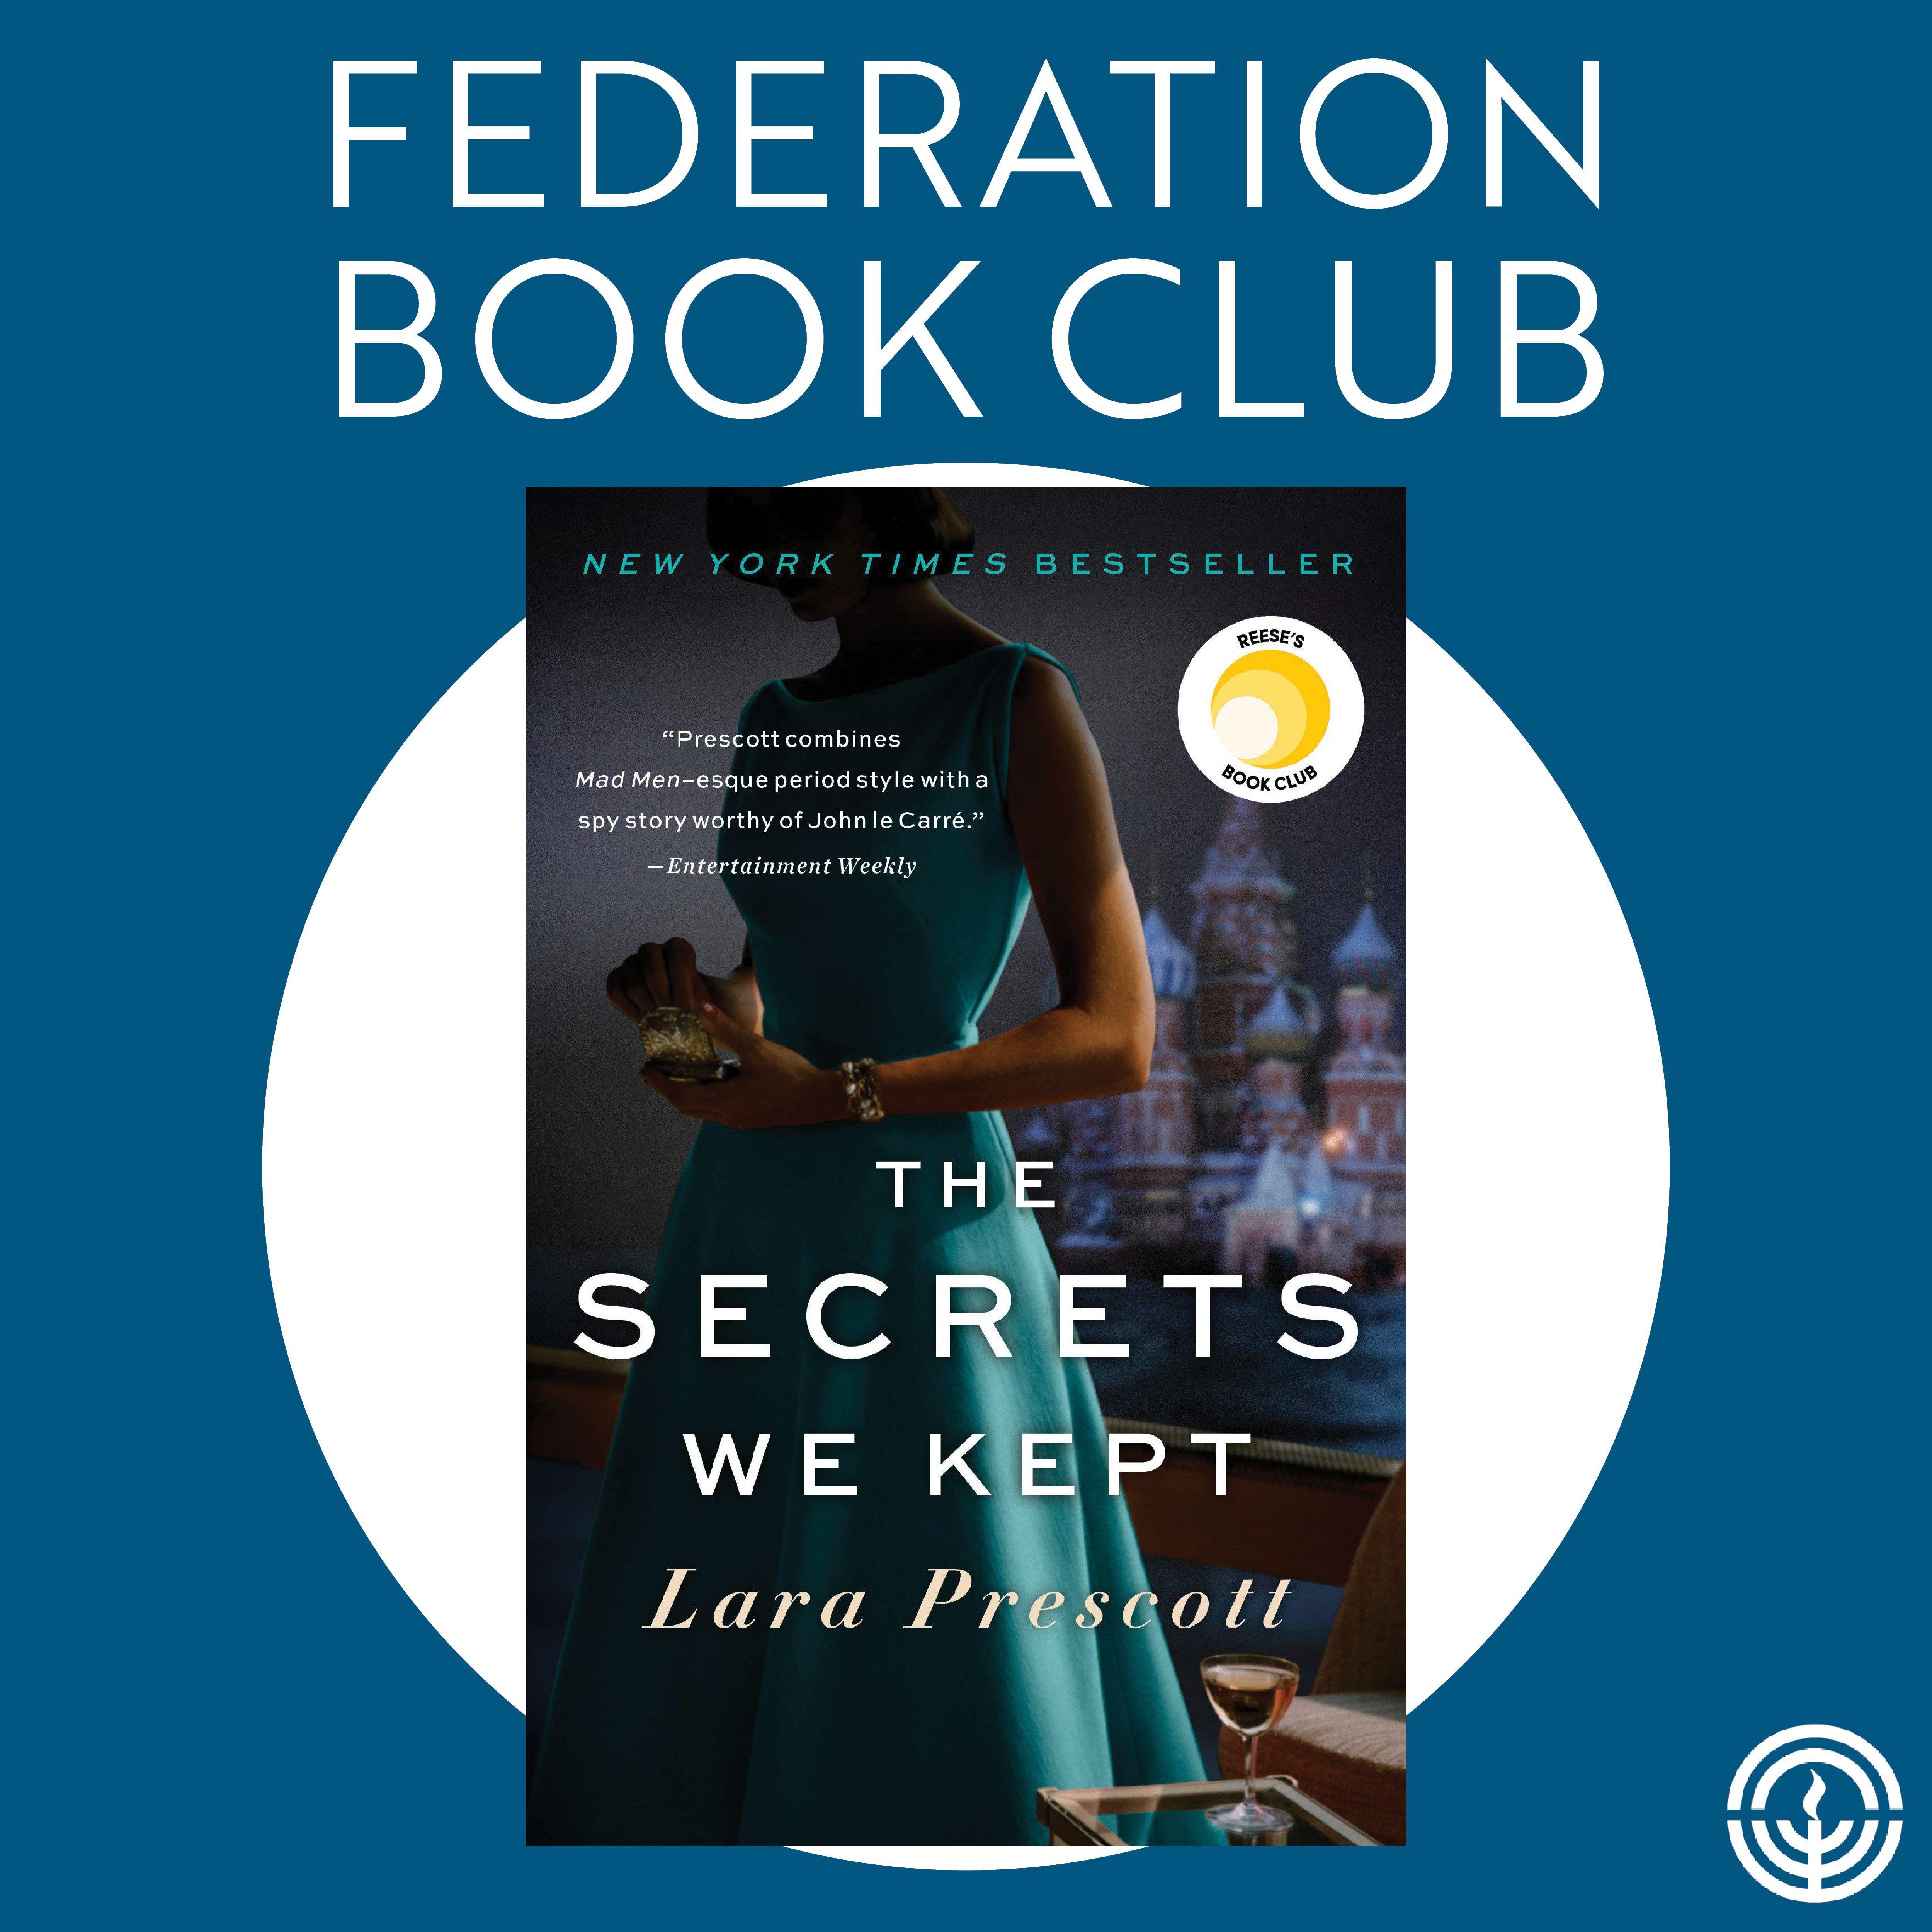 Book Club Update